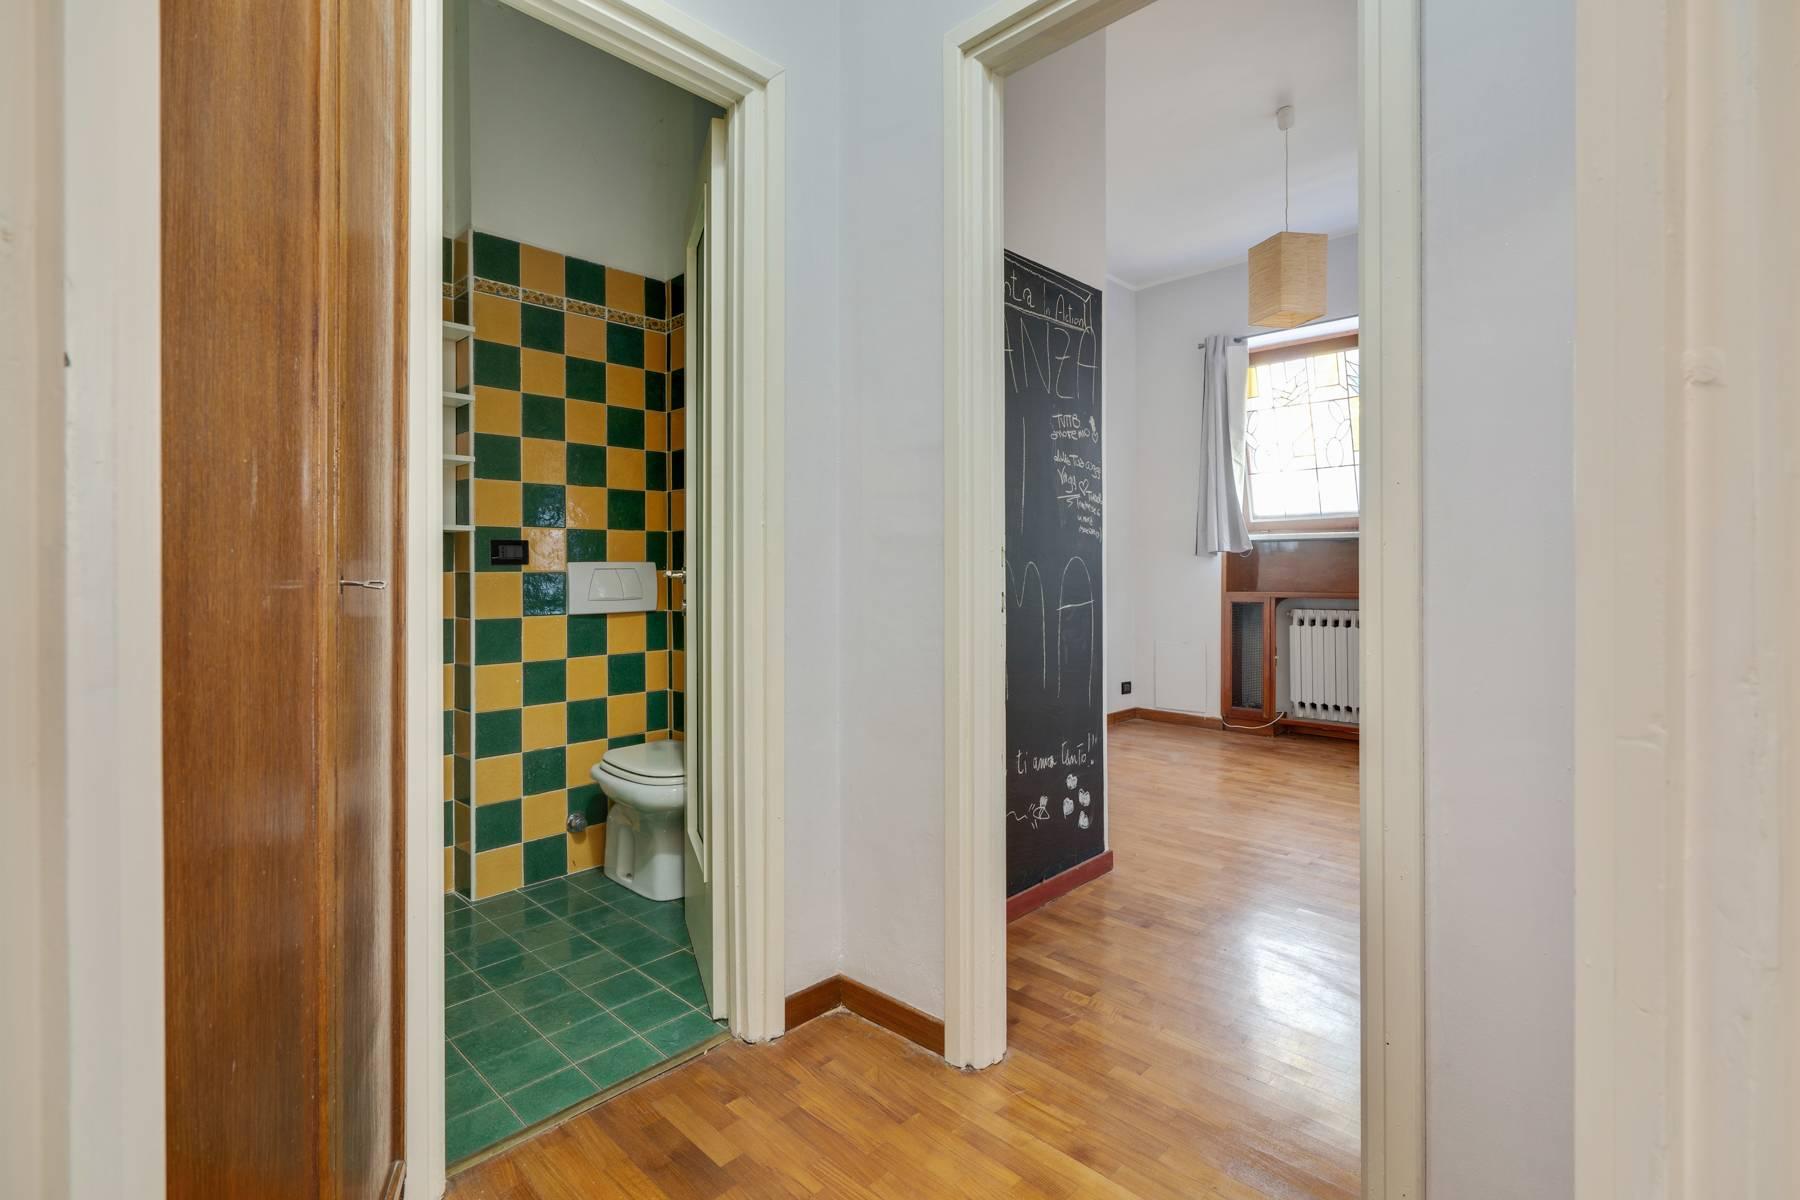 Appartamento in Vendita a Torino: 3 locali, 88 mq - Foto 12